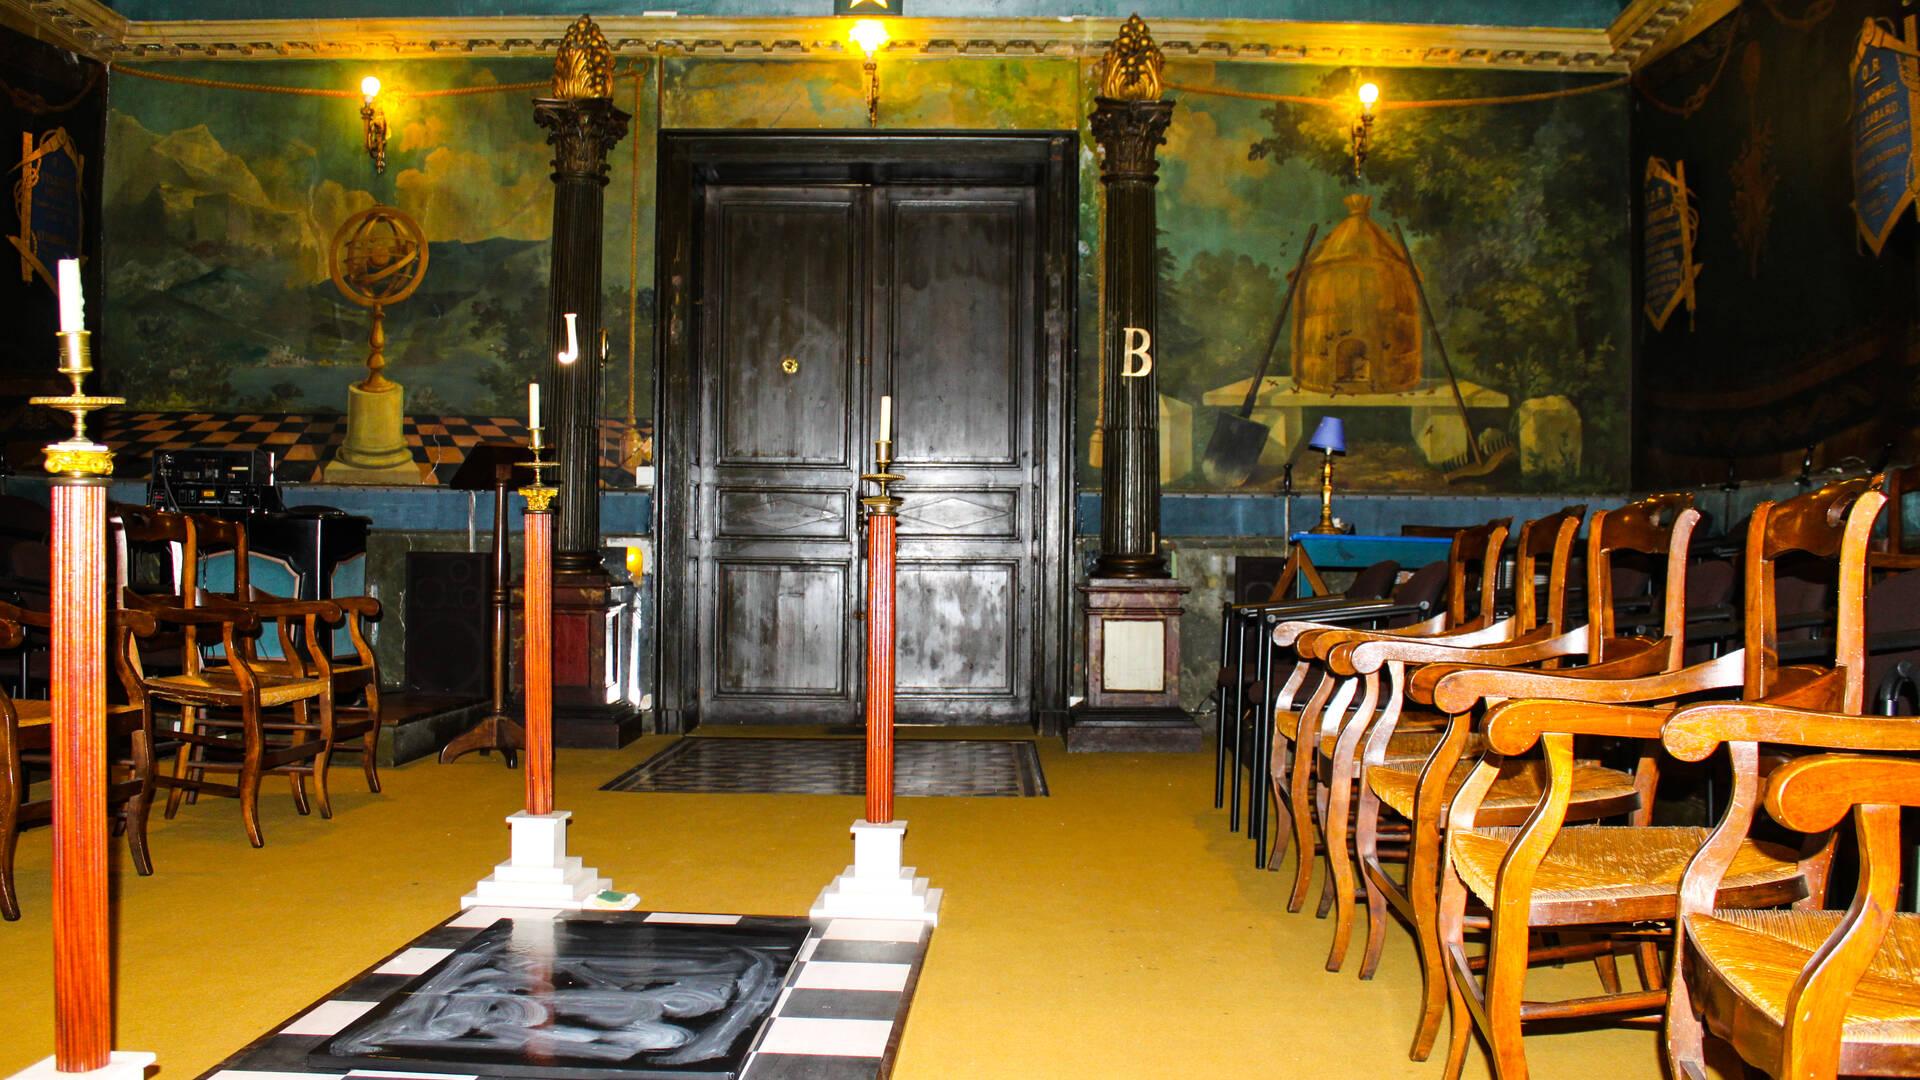 Héritage du passé, le Temple Maçonnique de Rochefort est le seul classé Monument Historique - ©Georges Lacaud